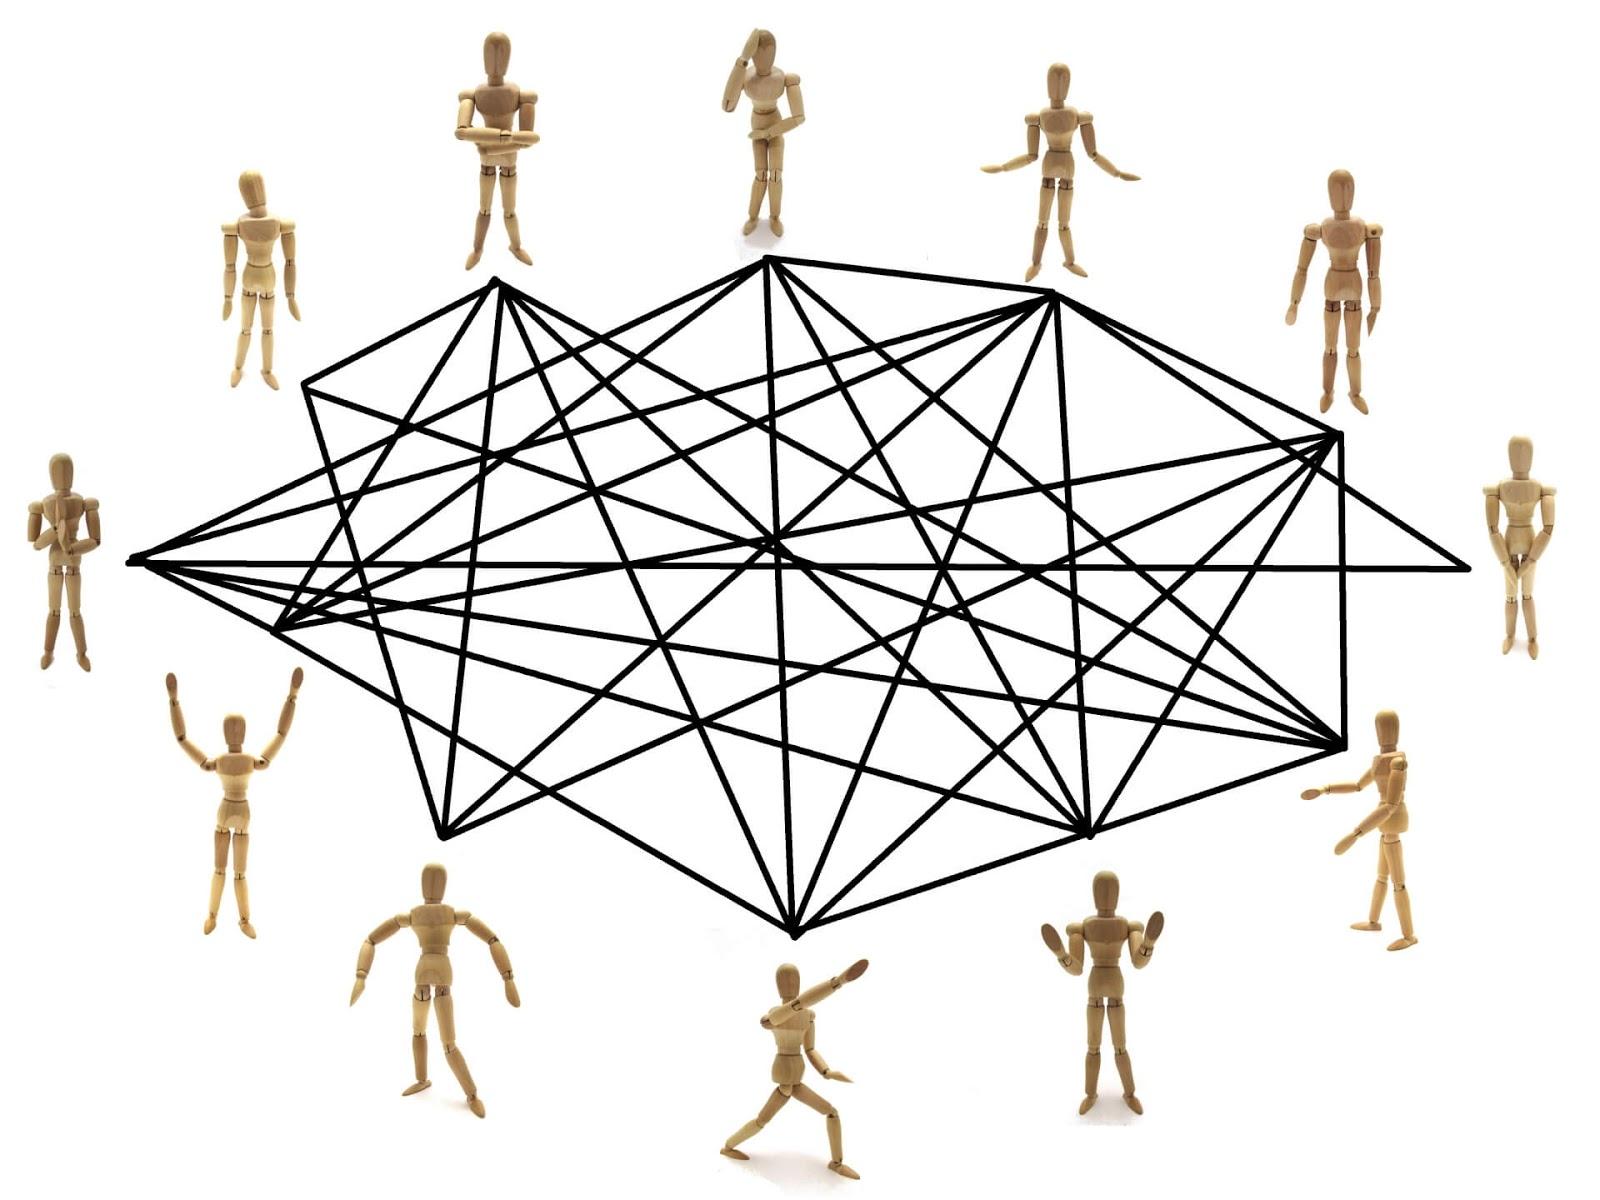 組織作りは至ってシンプル|会社を急成長させる強い組織作りとは